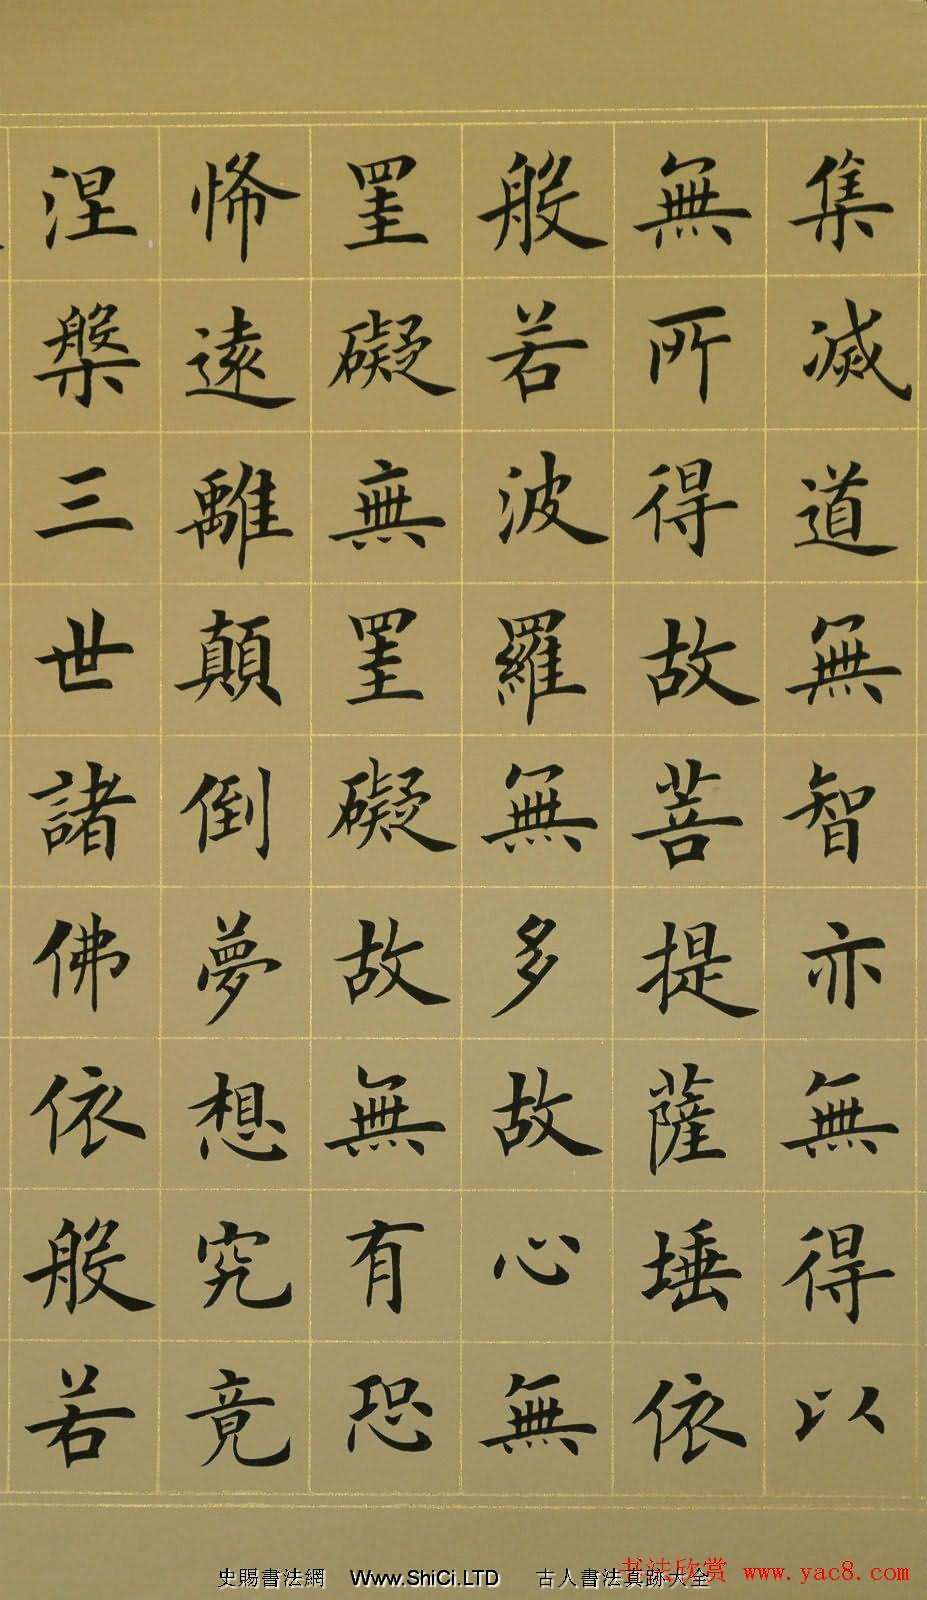 張延東書法手卷欣賞《楷書心經》